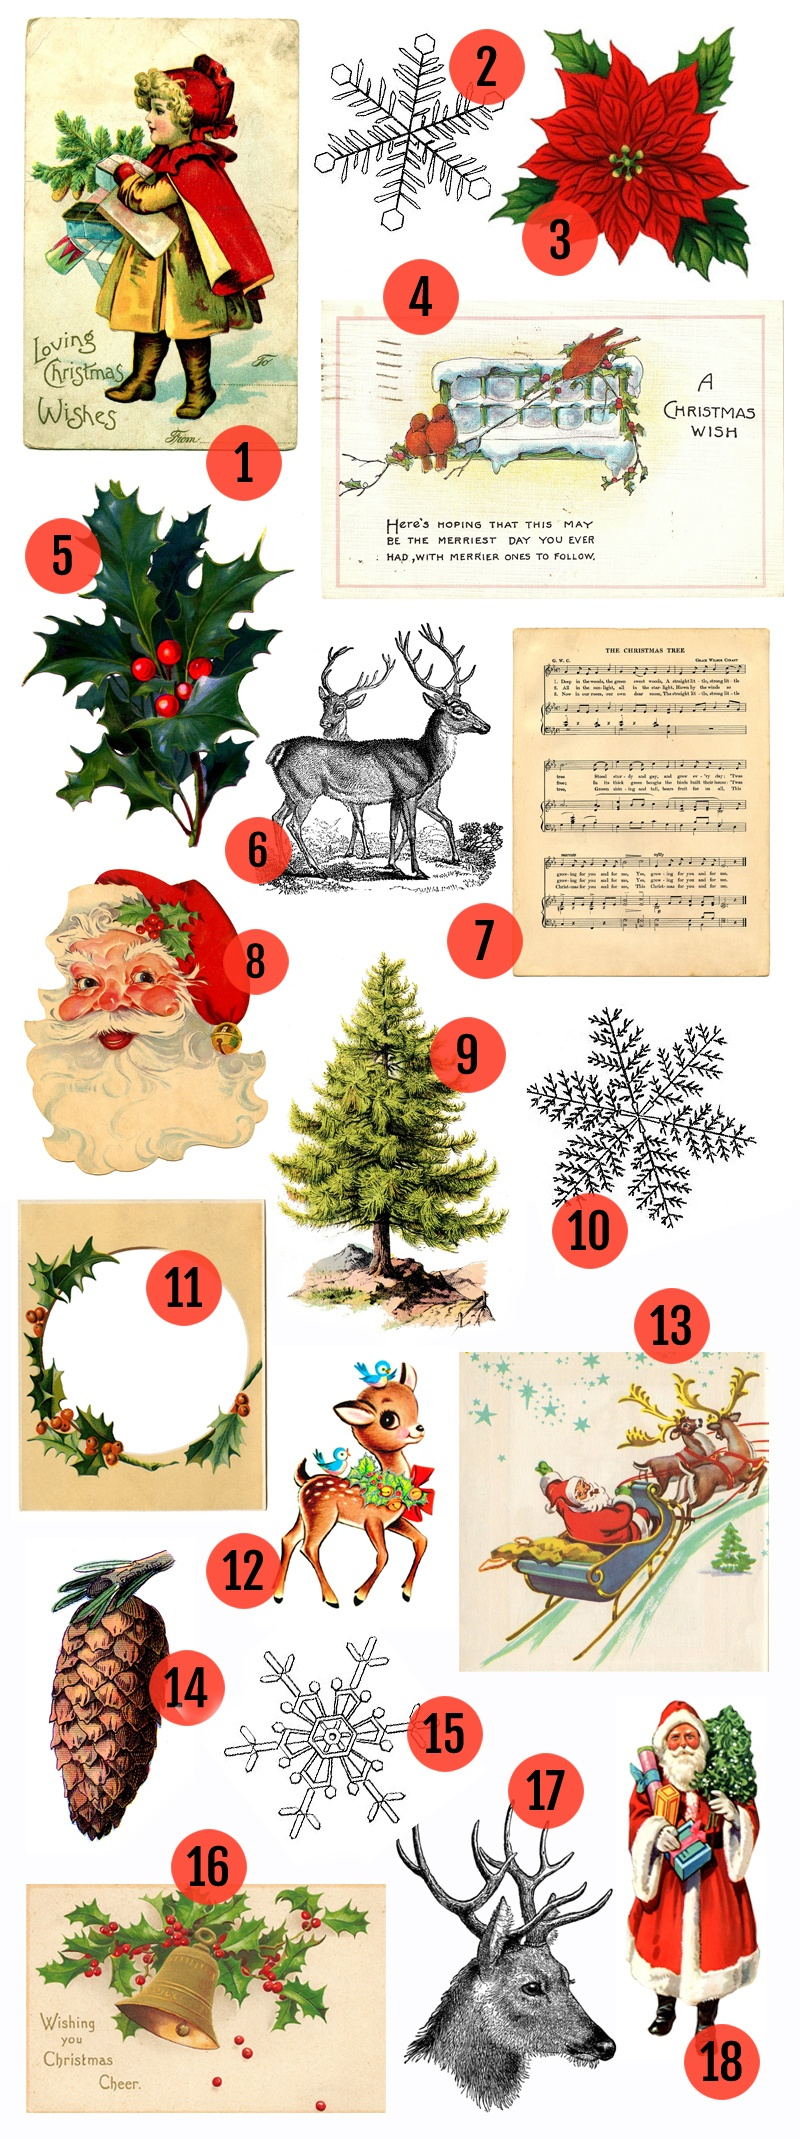 Free Christmas Printable & Vintage Christmas Clip Art » Maggie - Free Printable Vintage Christmas Pictures